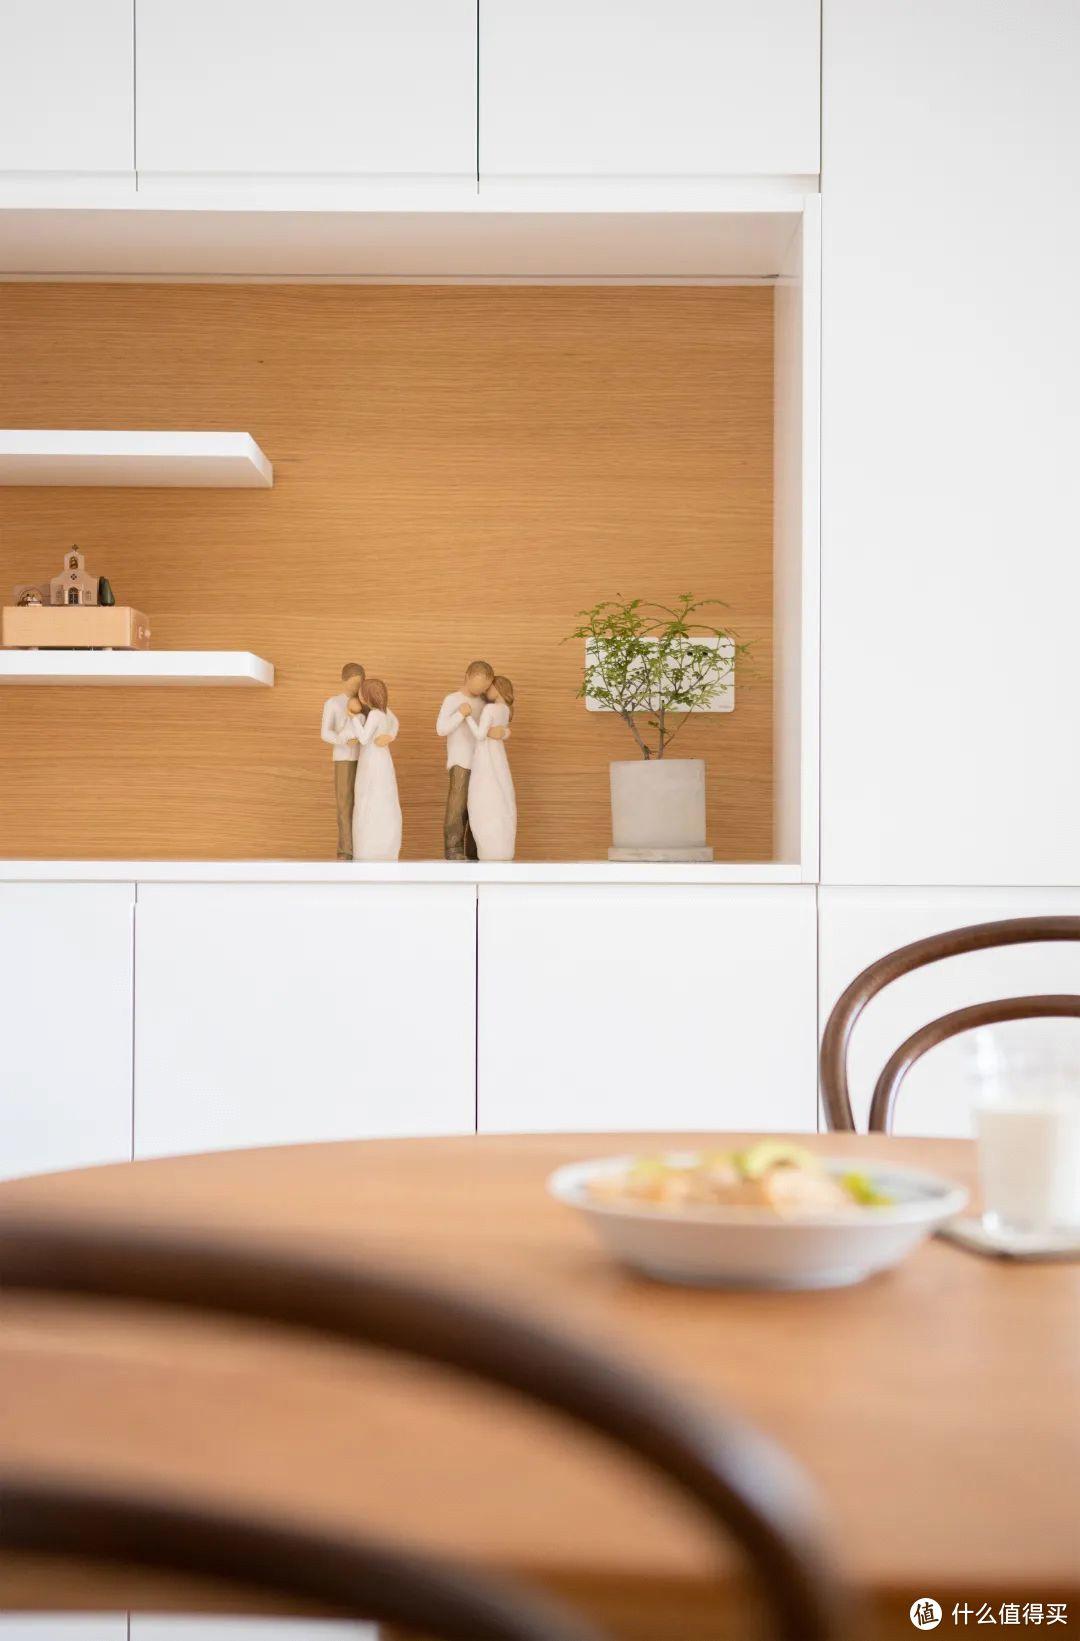 81㎡有娃之家0杂物,客餐厨一体+变态收纳,美到全小区围观!